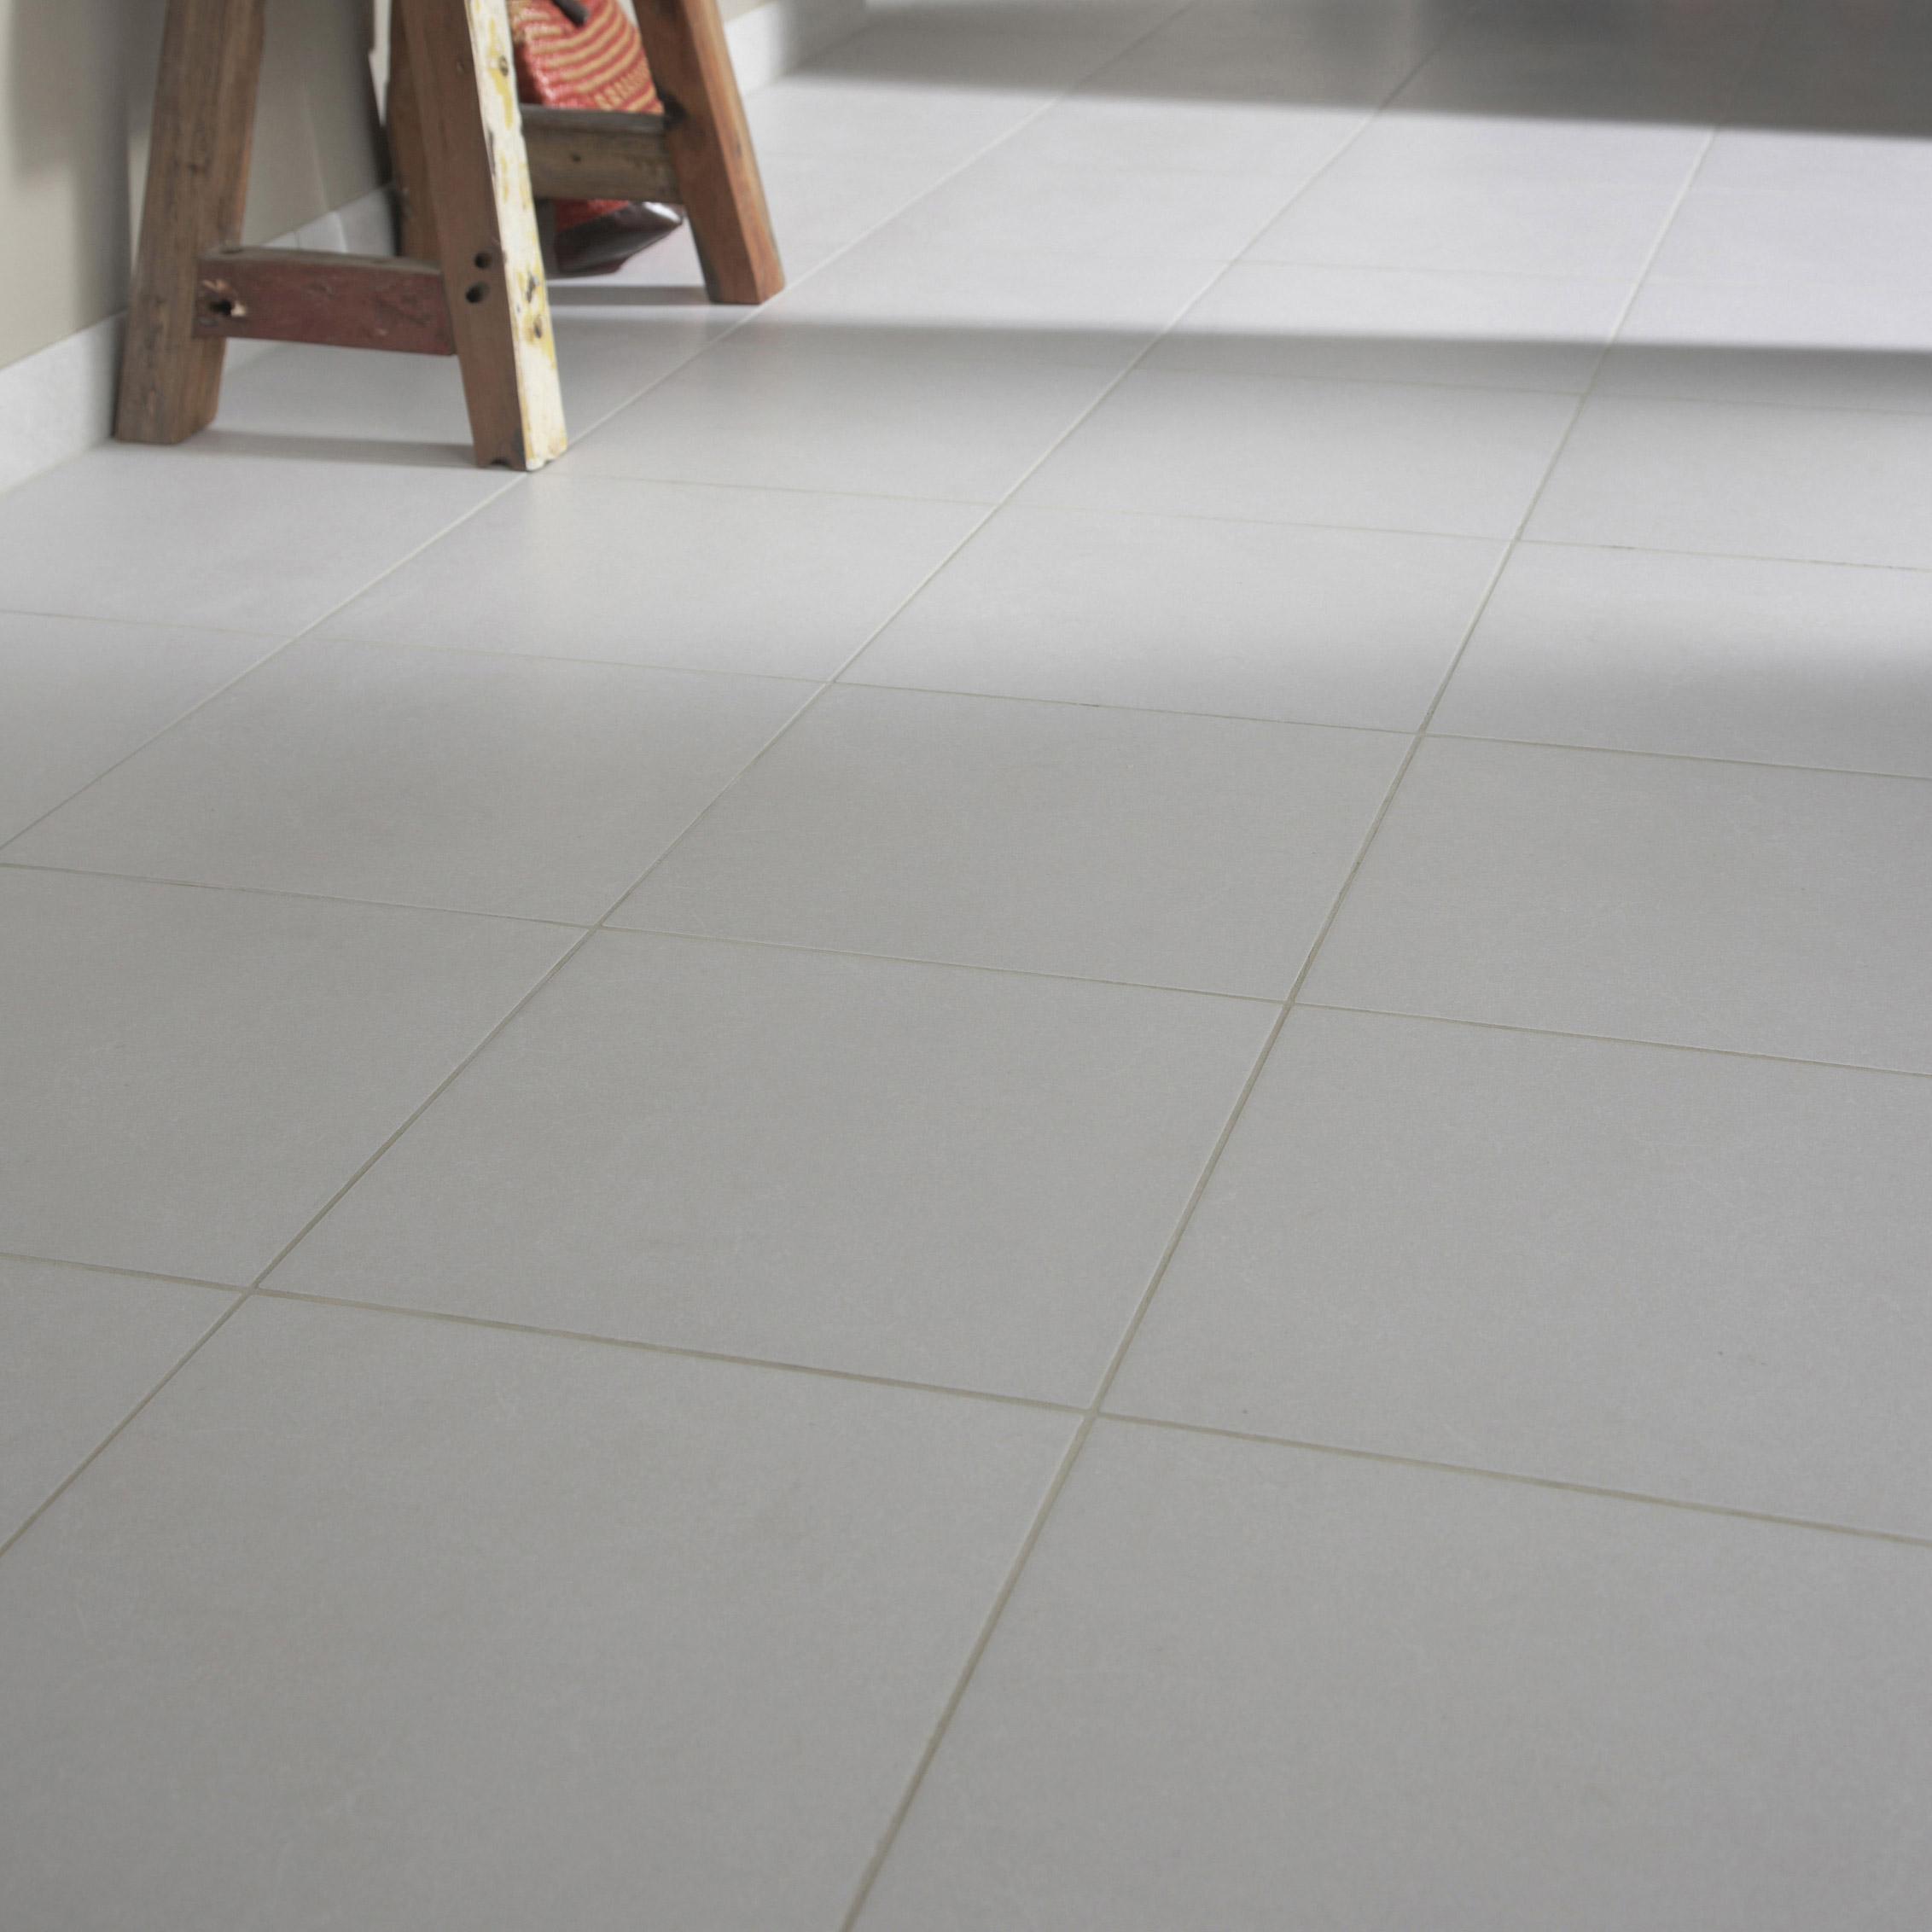 Carrelage sol et mur medio effet béton gris clair Shade l.45 x L.45 cm ARTENS